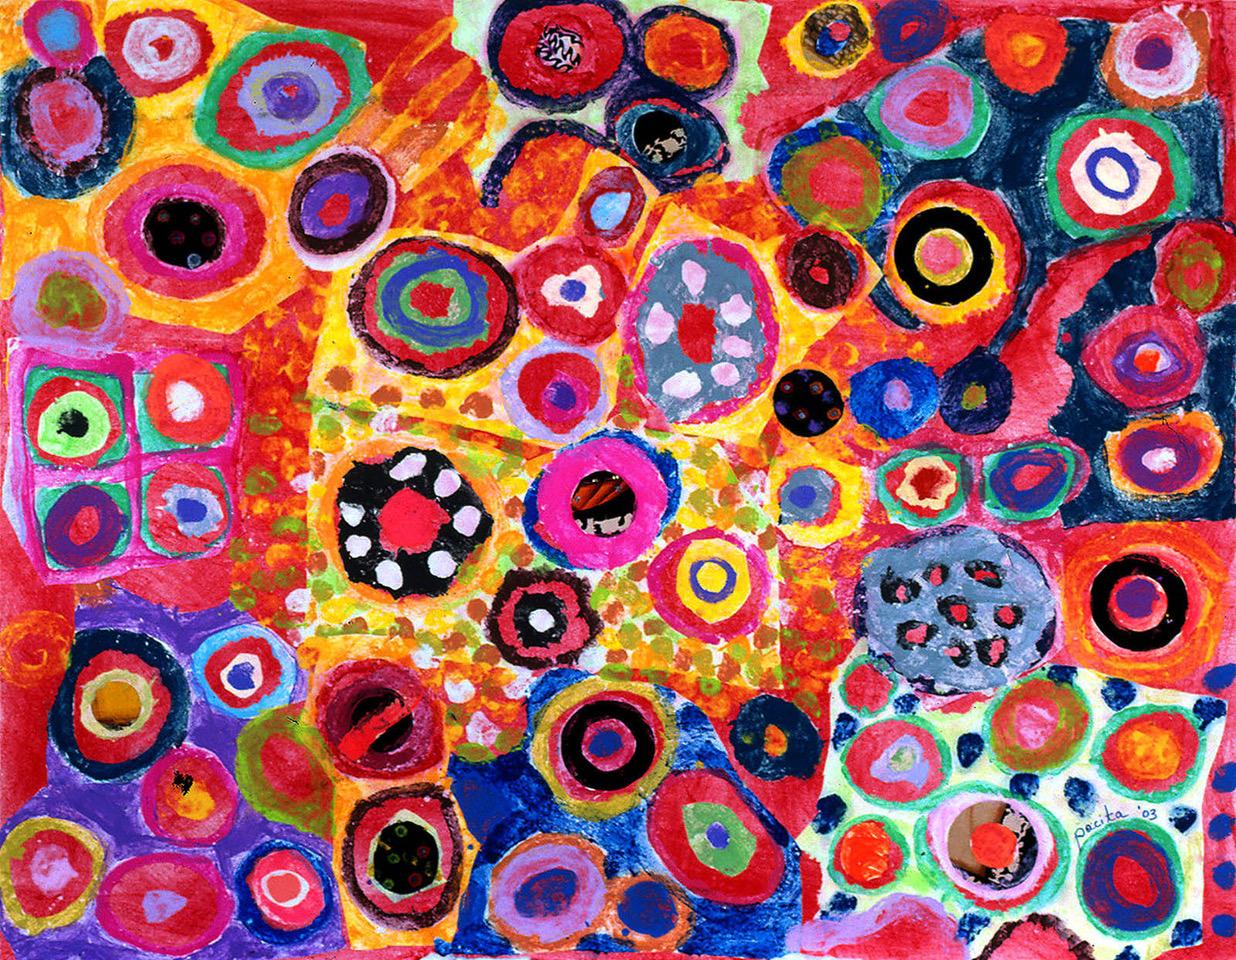 Sugar Donuts by Pacita Abad.jpg